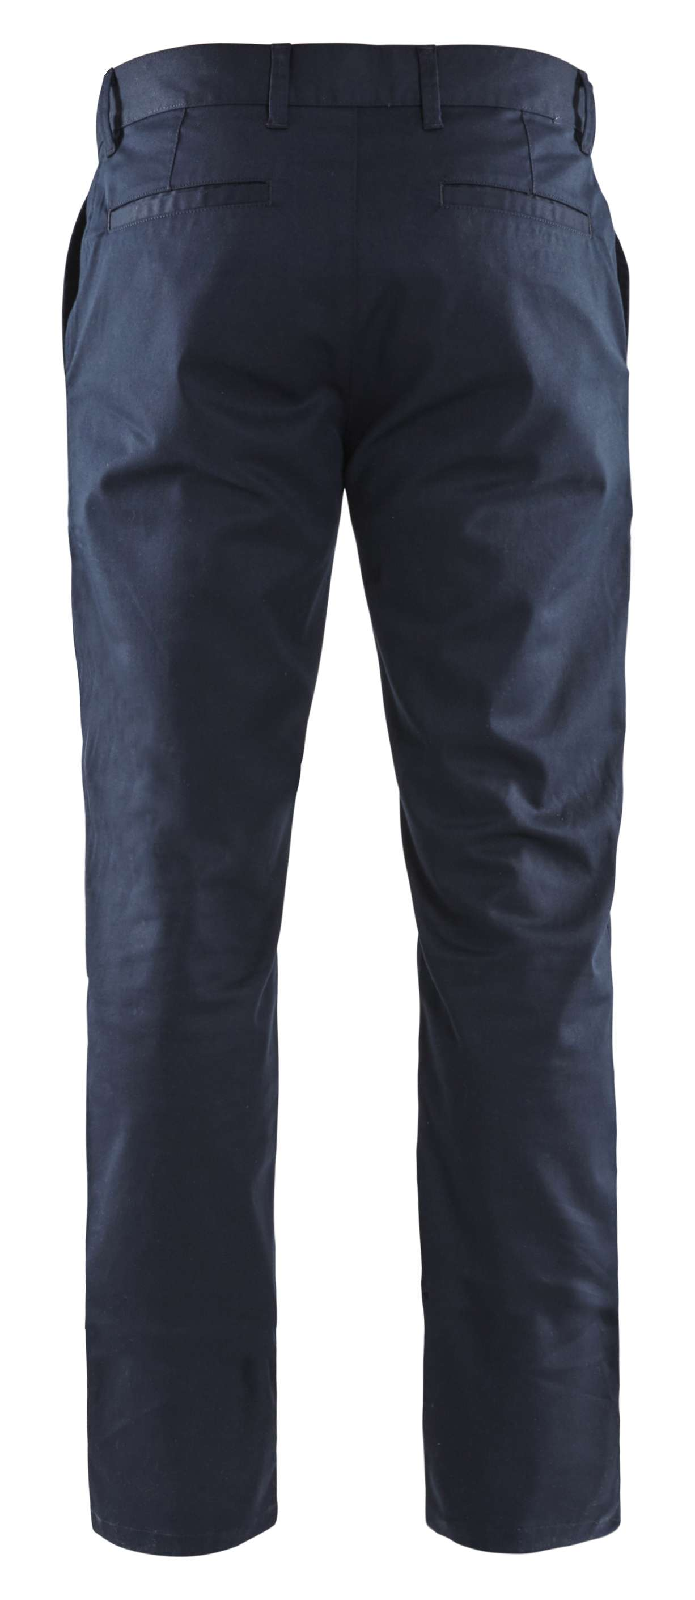 Blaklader Werkbroeken 14651830 Chino Stretch donker marineblauw(8600)